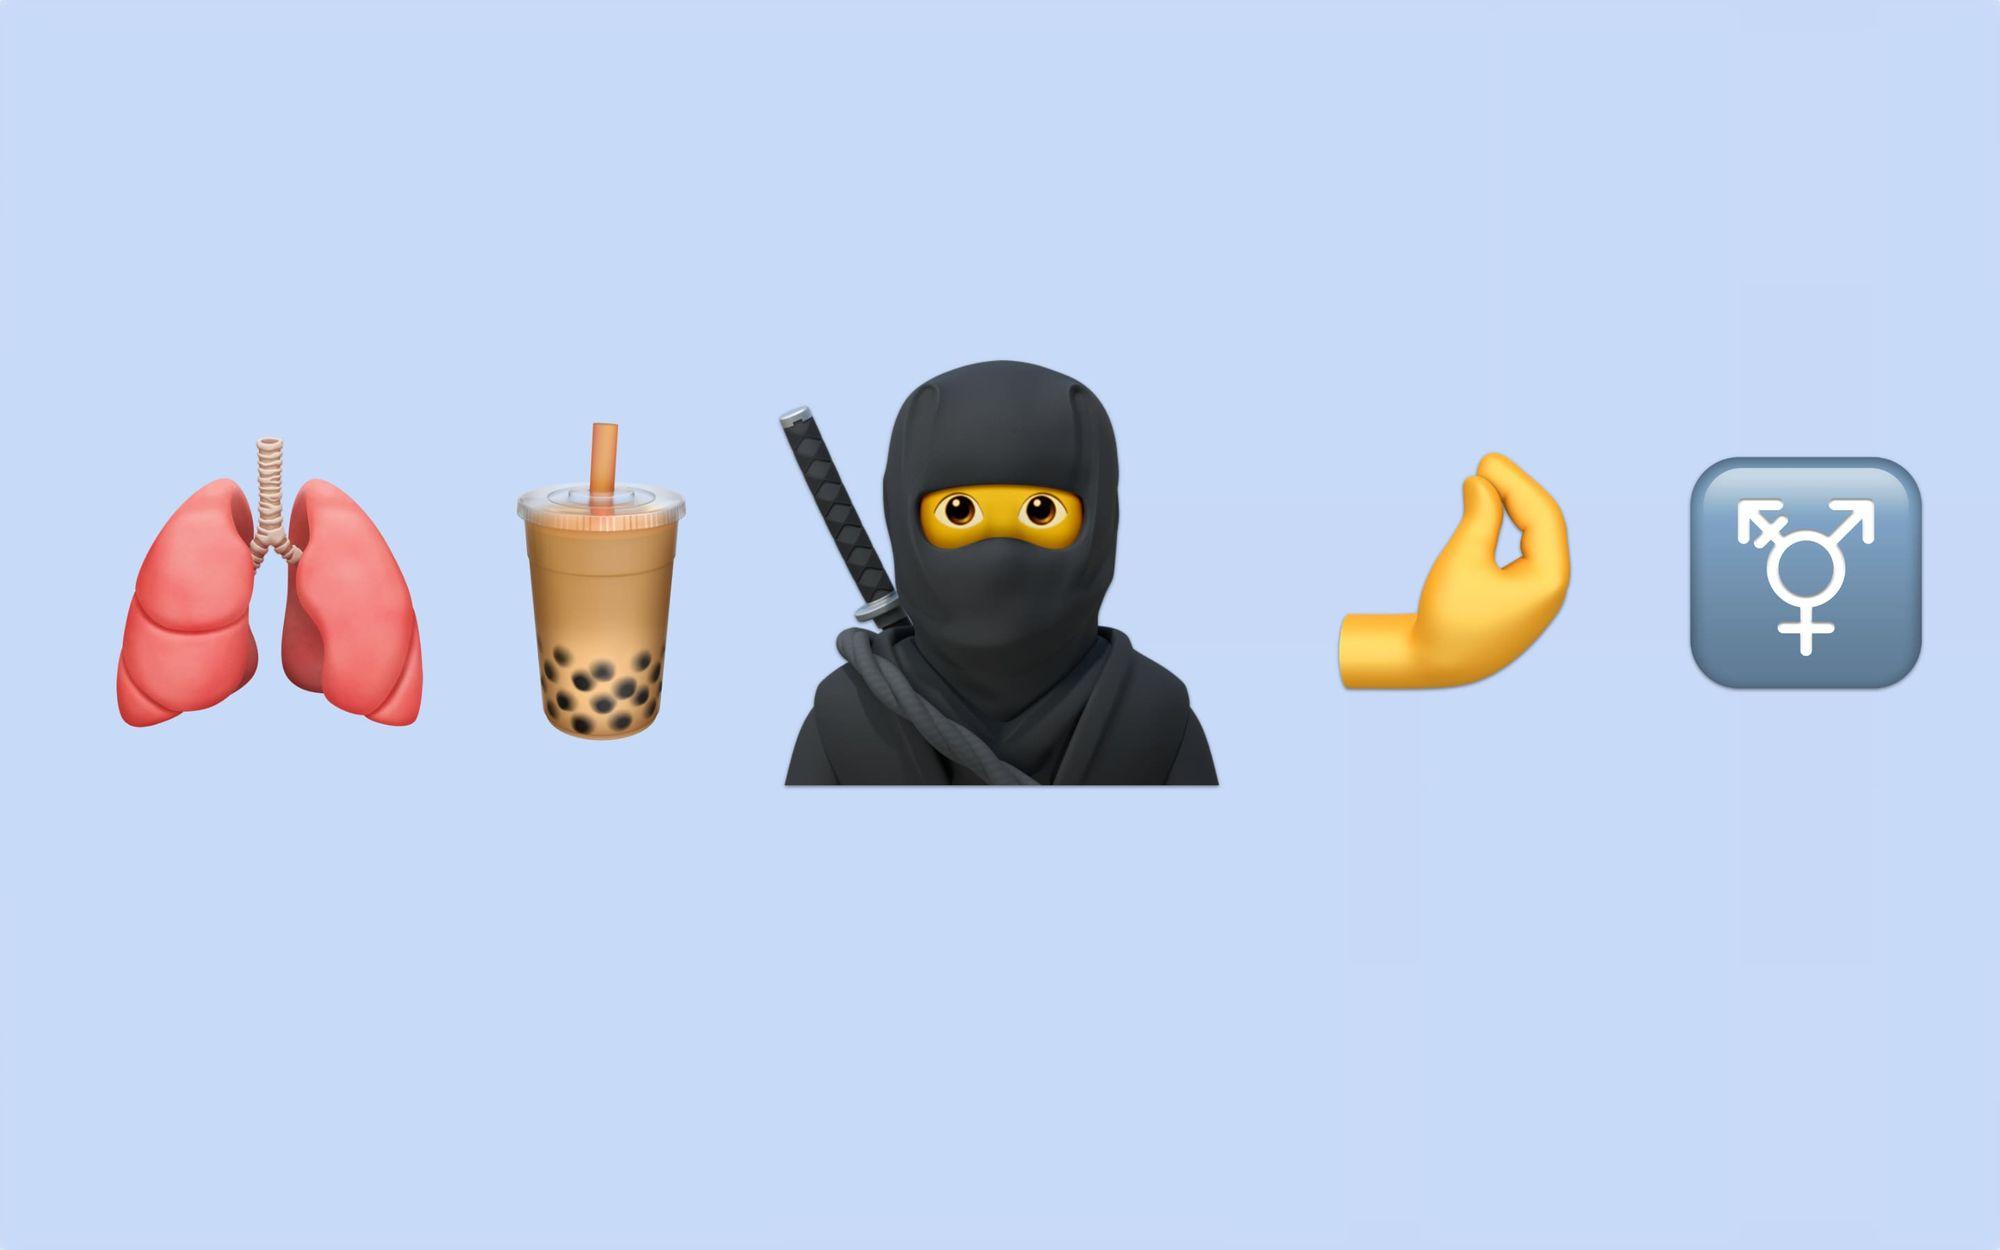 Novos emojis da Apple para 2020